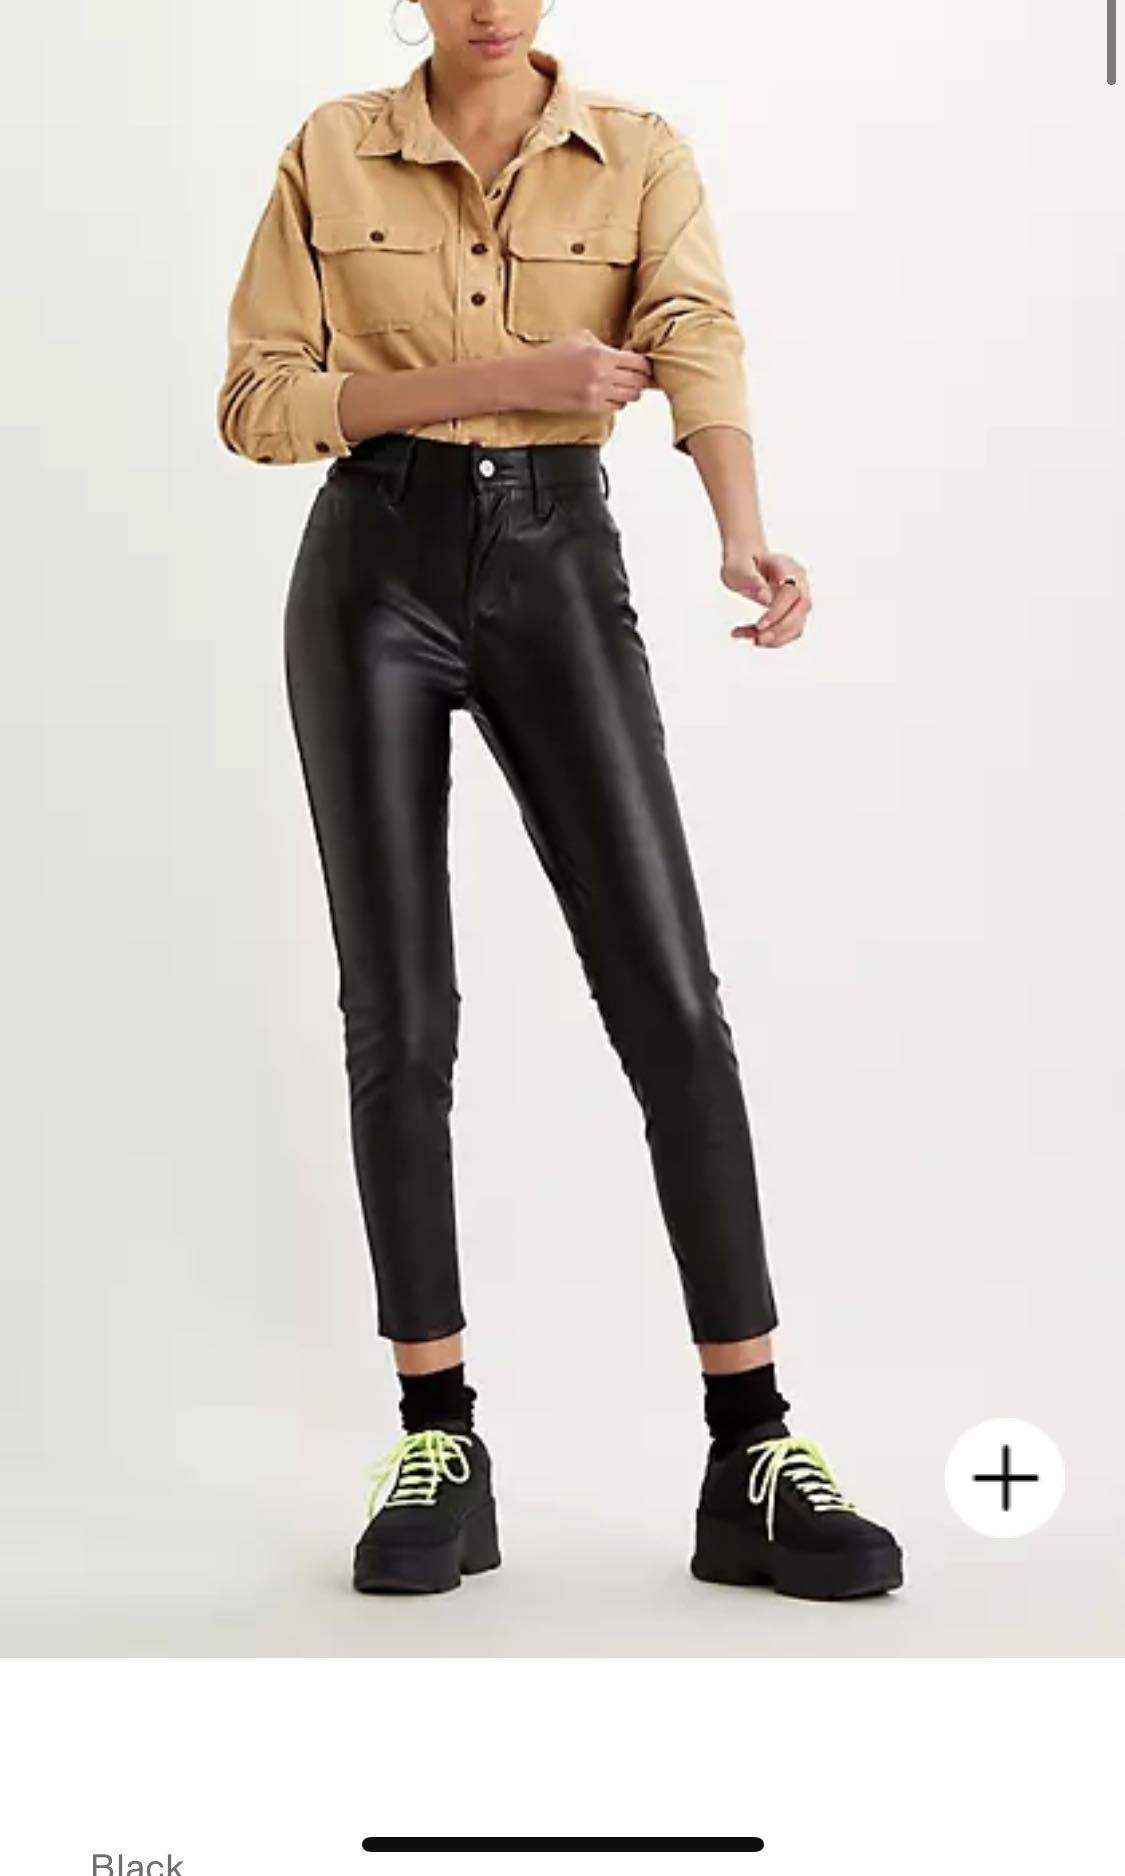 Levi's 720 Leather pants